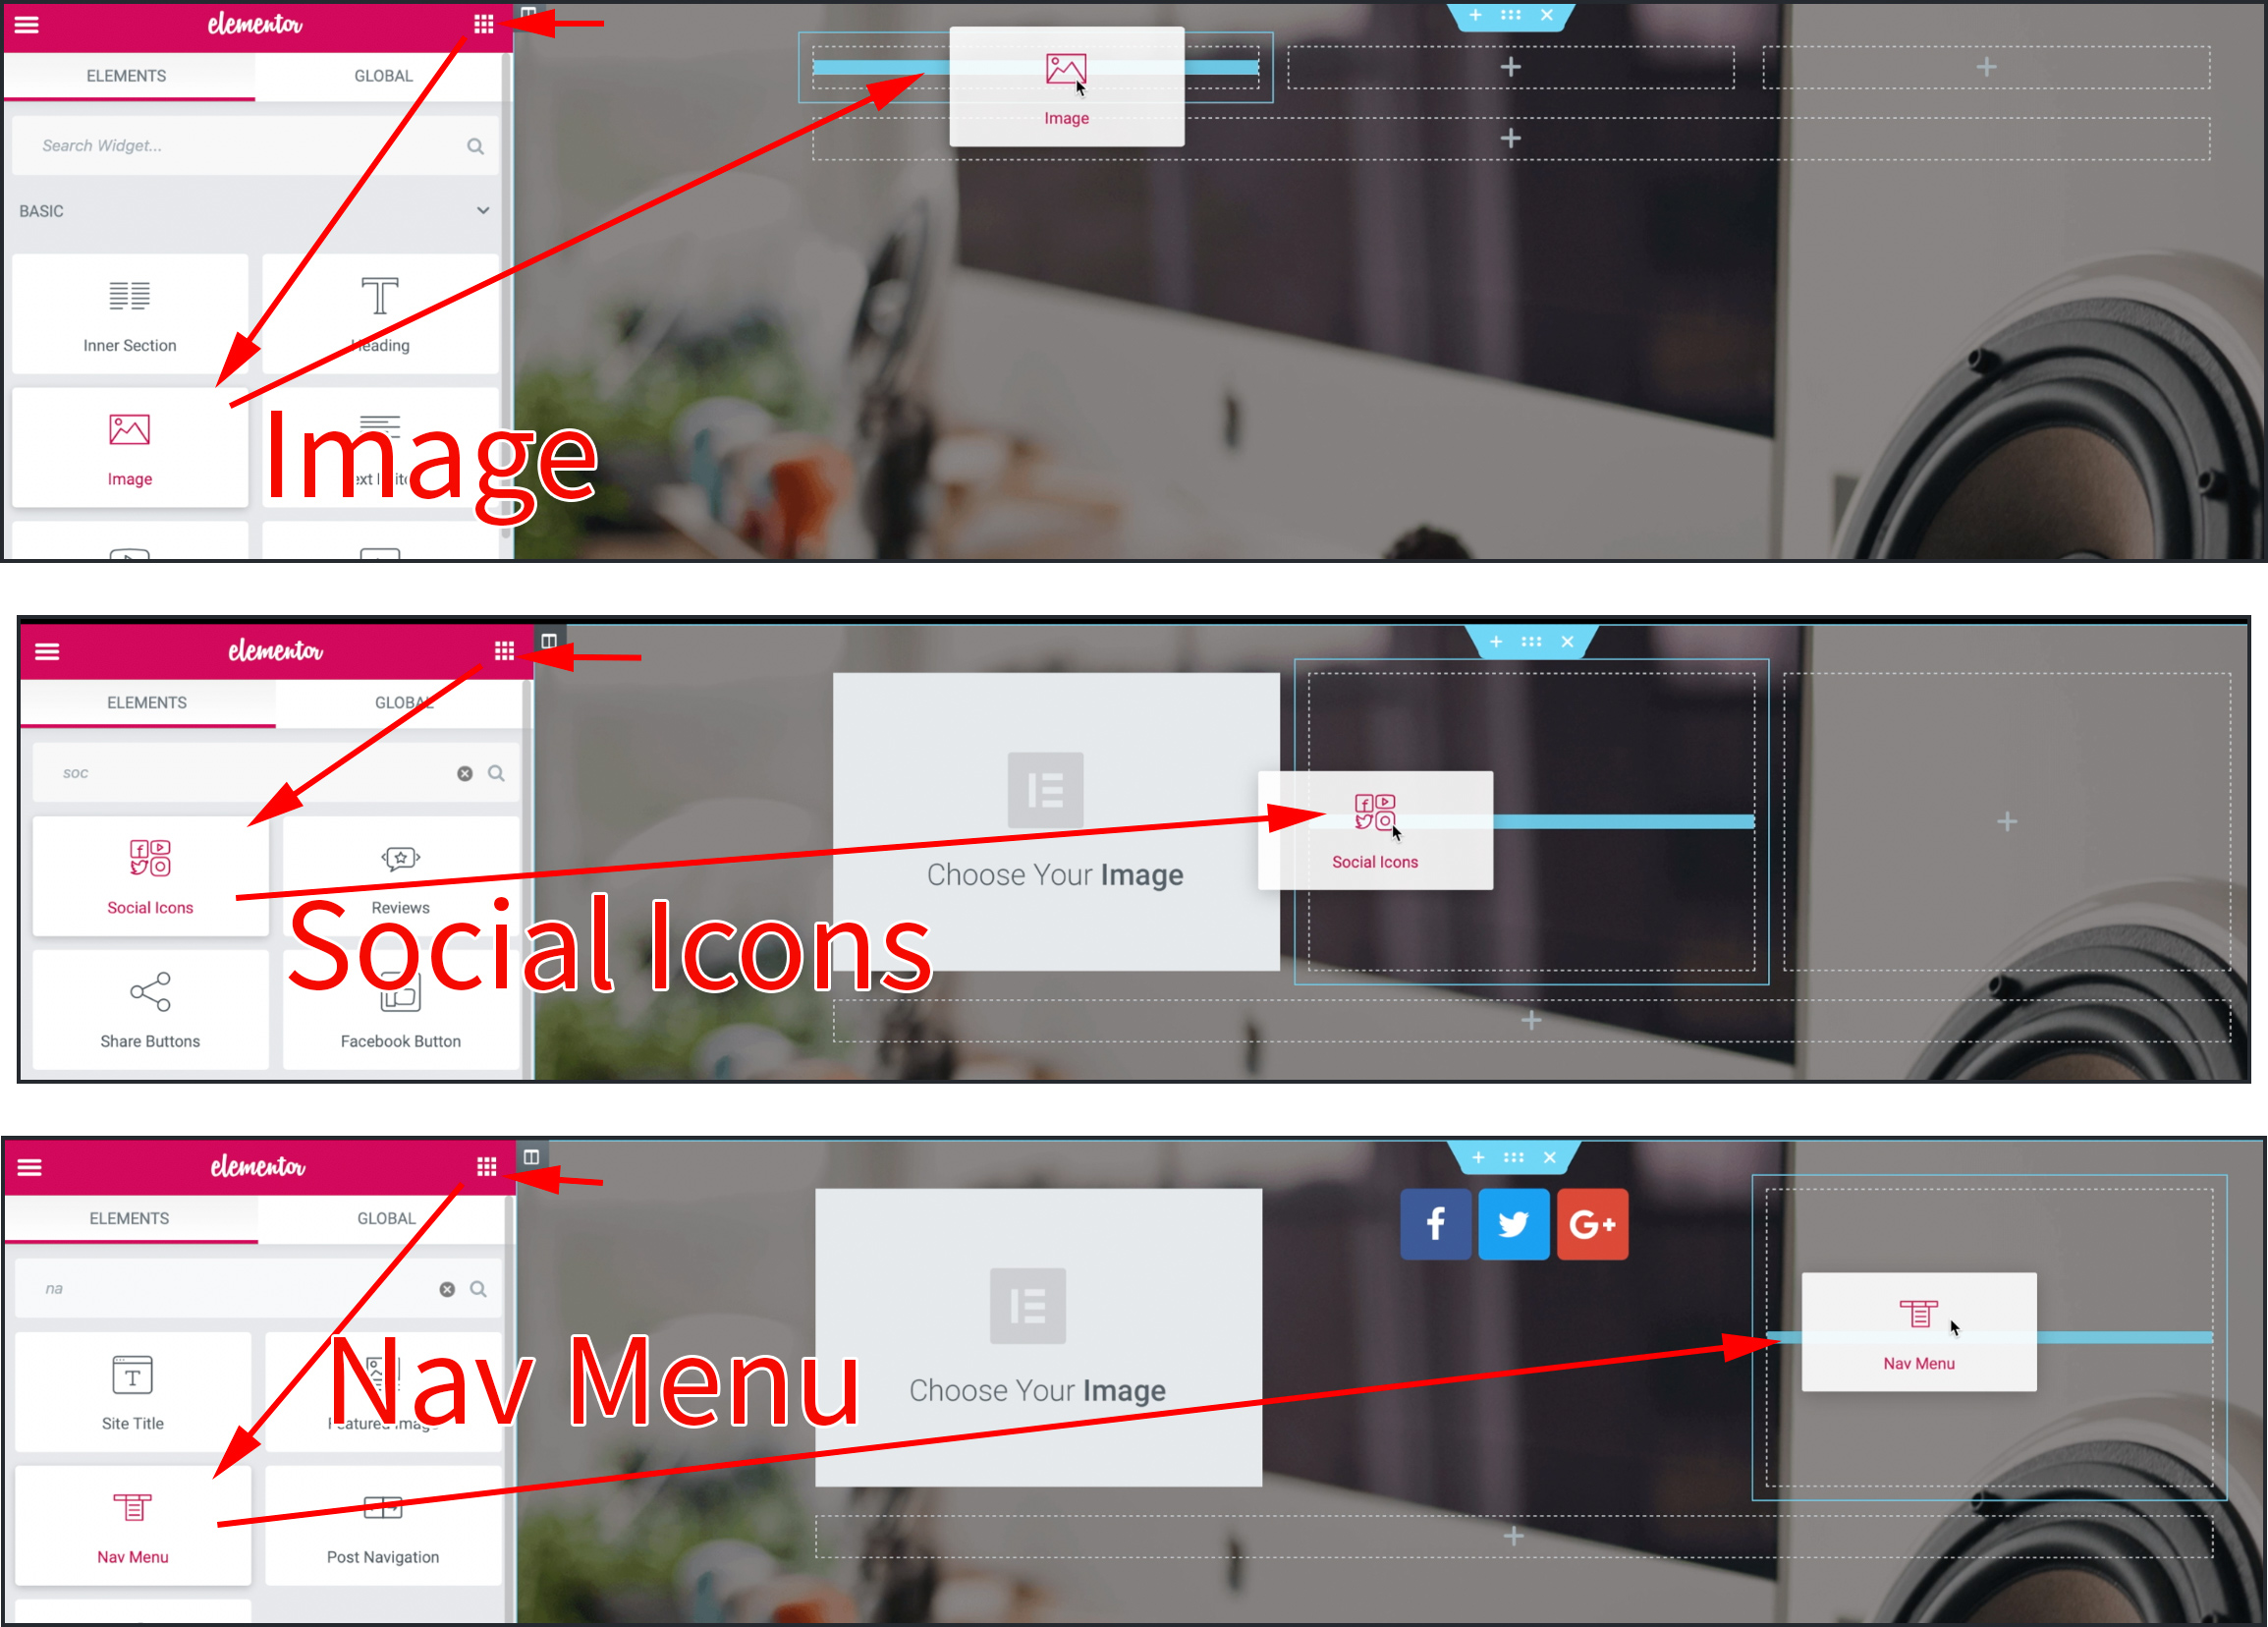 이너섹션 첫번째 칼럼에는 Image위젯, 두번째칼럼엔 Social Icon  위젯, 세변째 칼럼엔 Nav Menu위젯을 끌어다 놓는 모습